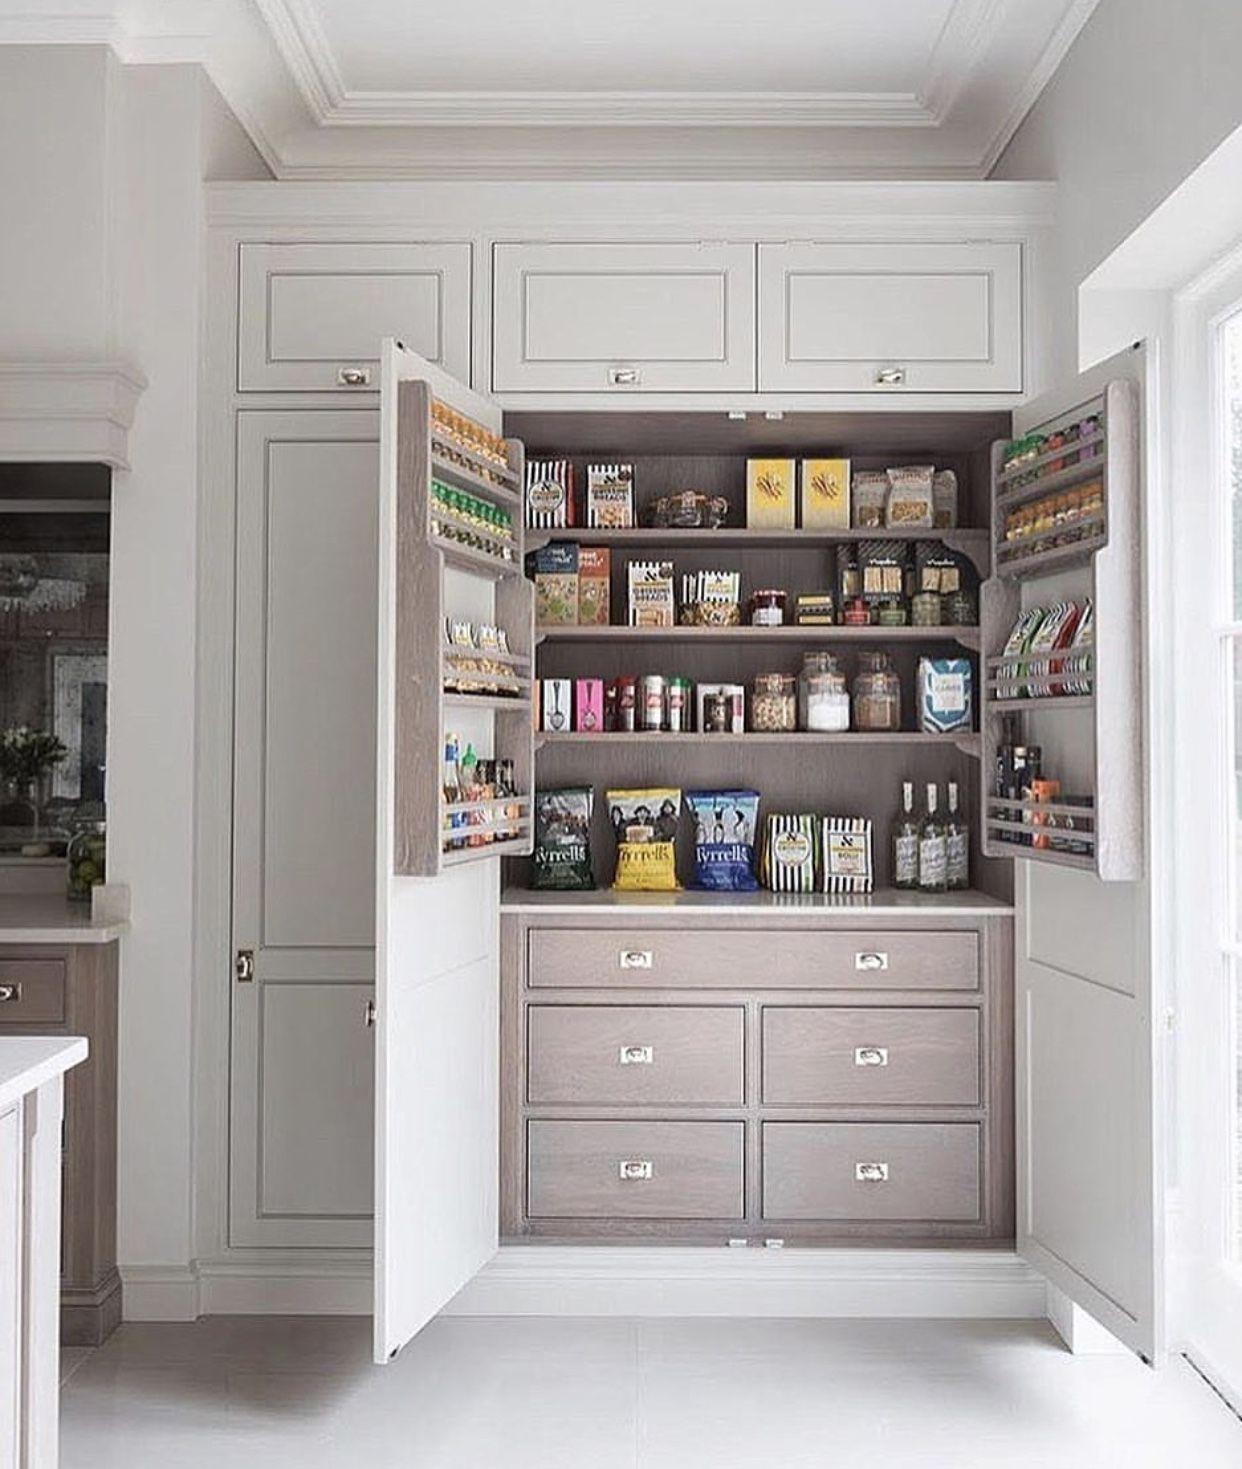 Pin de Marigo Mihalos en Home Goals | Pinterest | Interiores y Cocinas